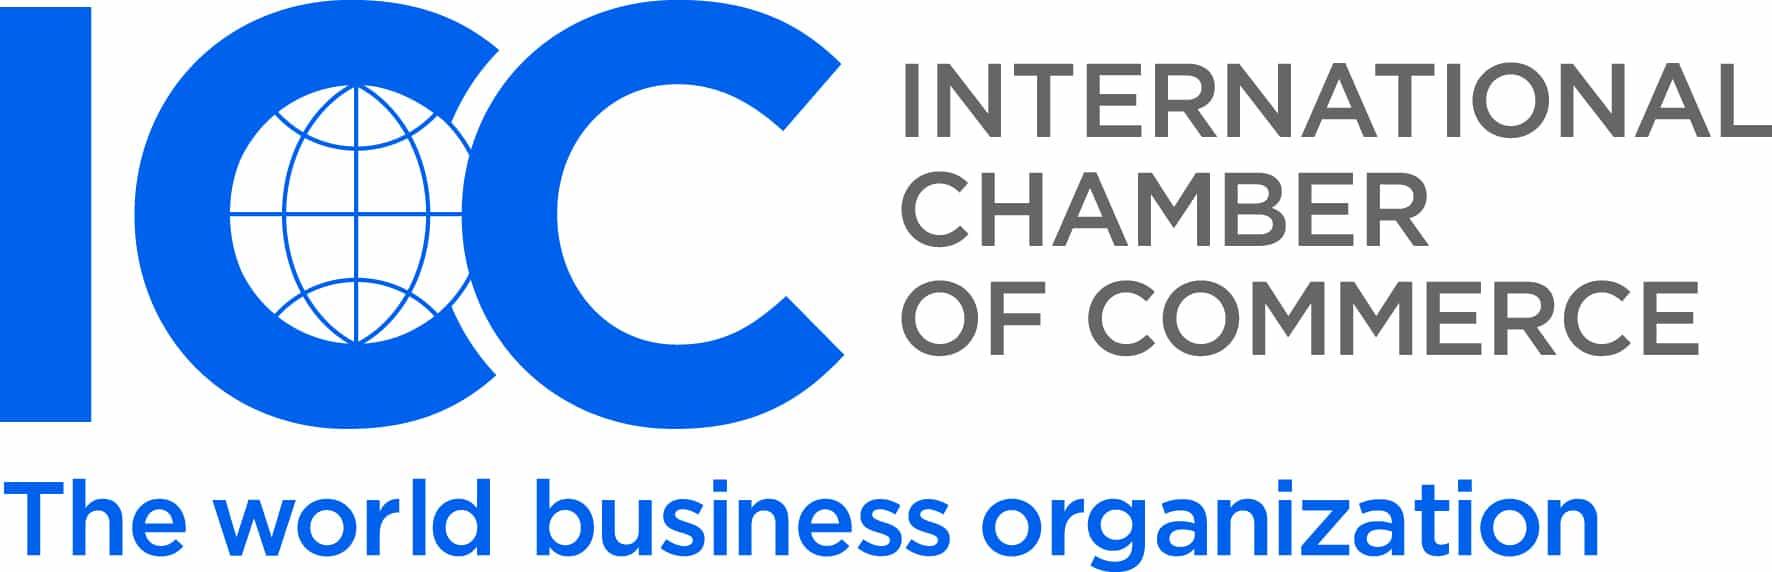 ICC Anbieter von Schiedsgerichtsverfahren / arbitration